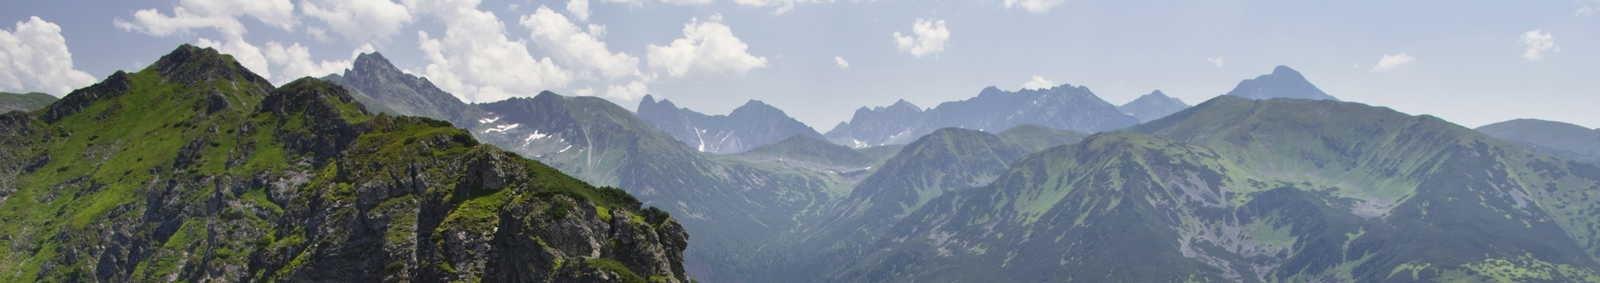 Trek the Polish High Tatras.